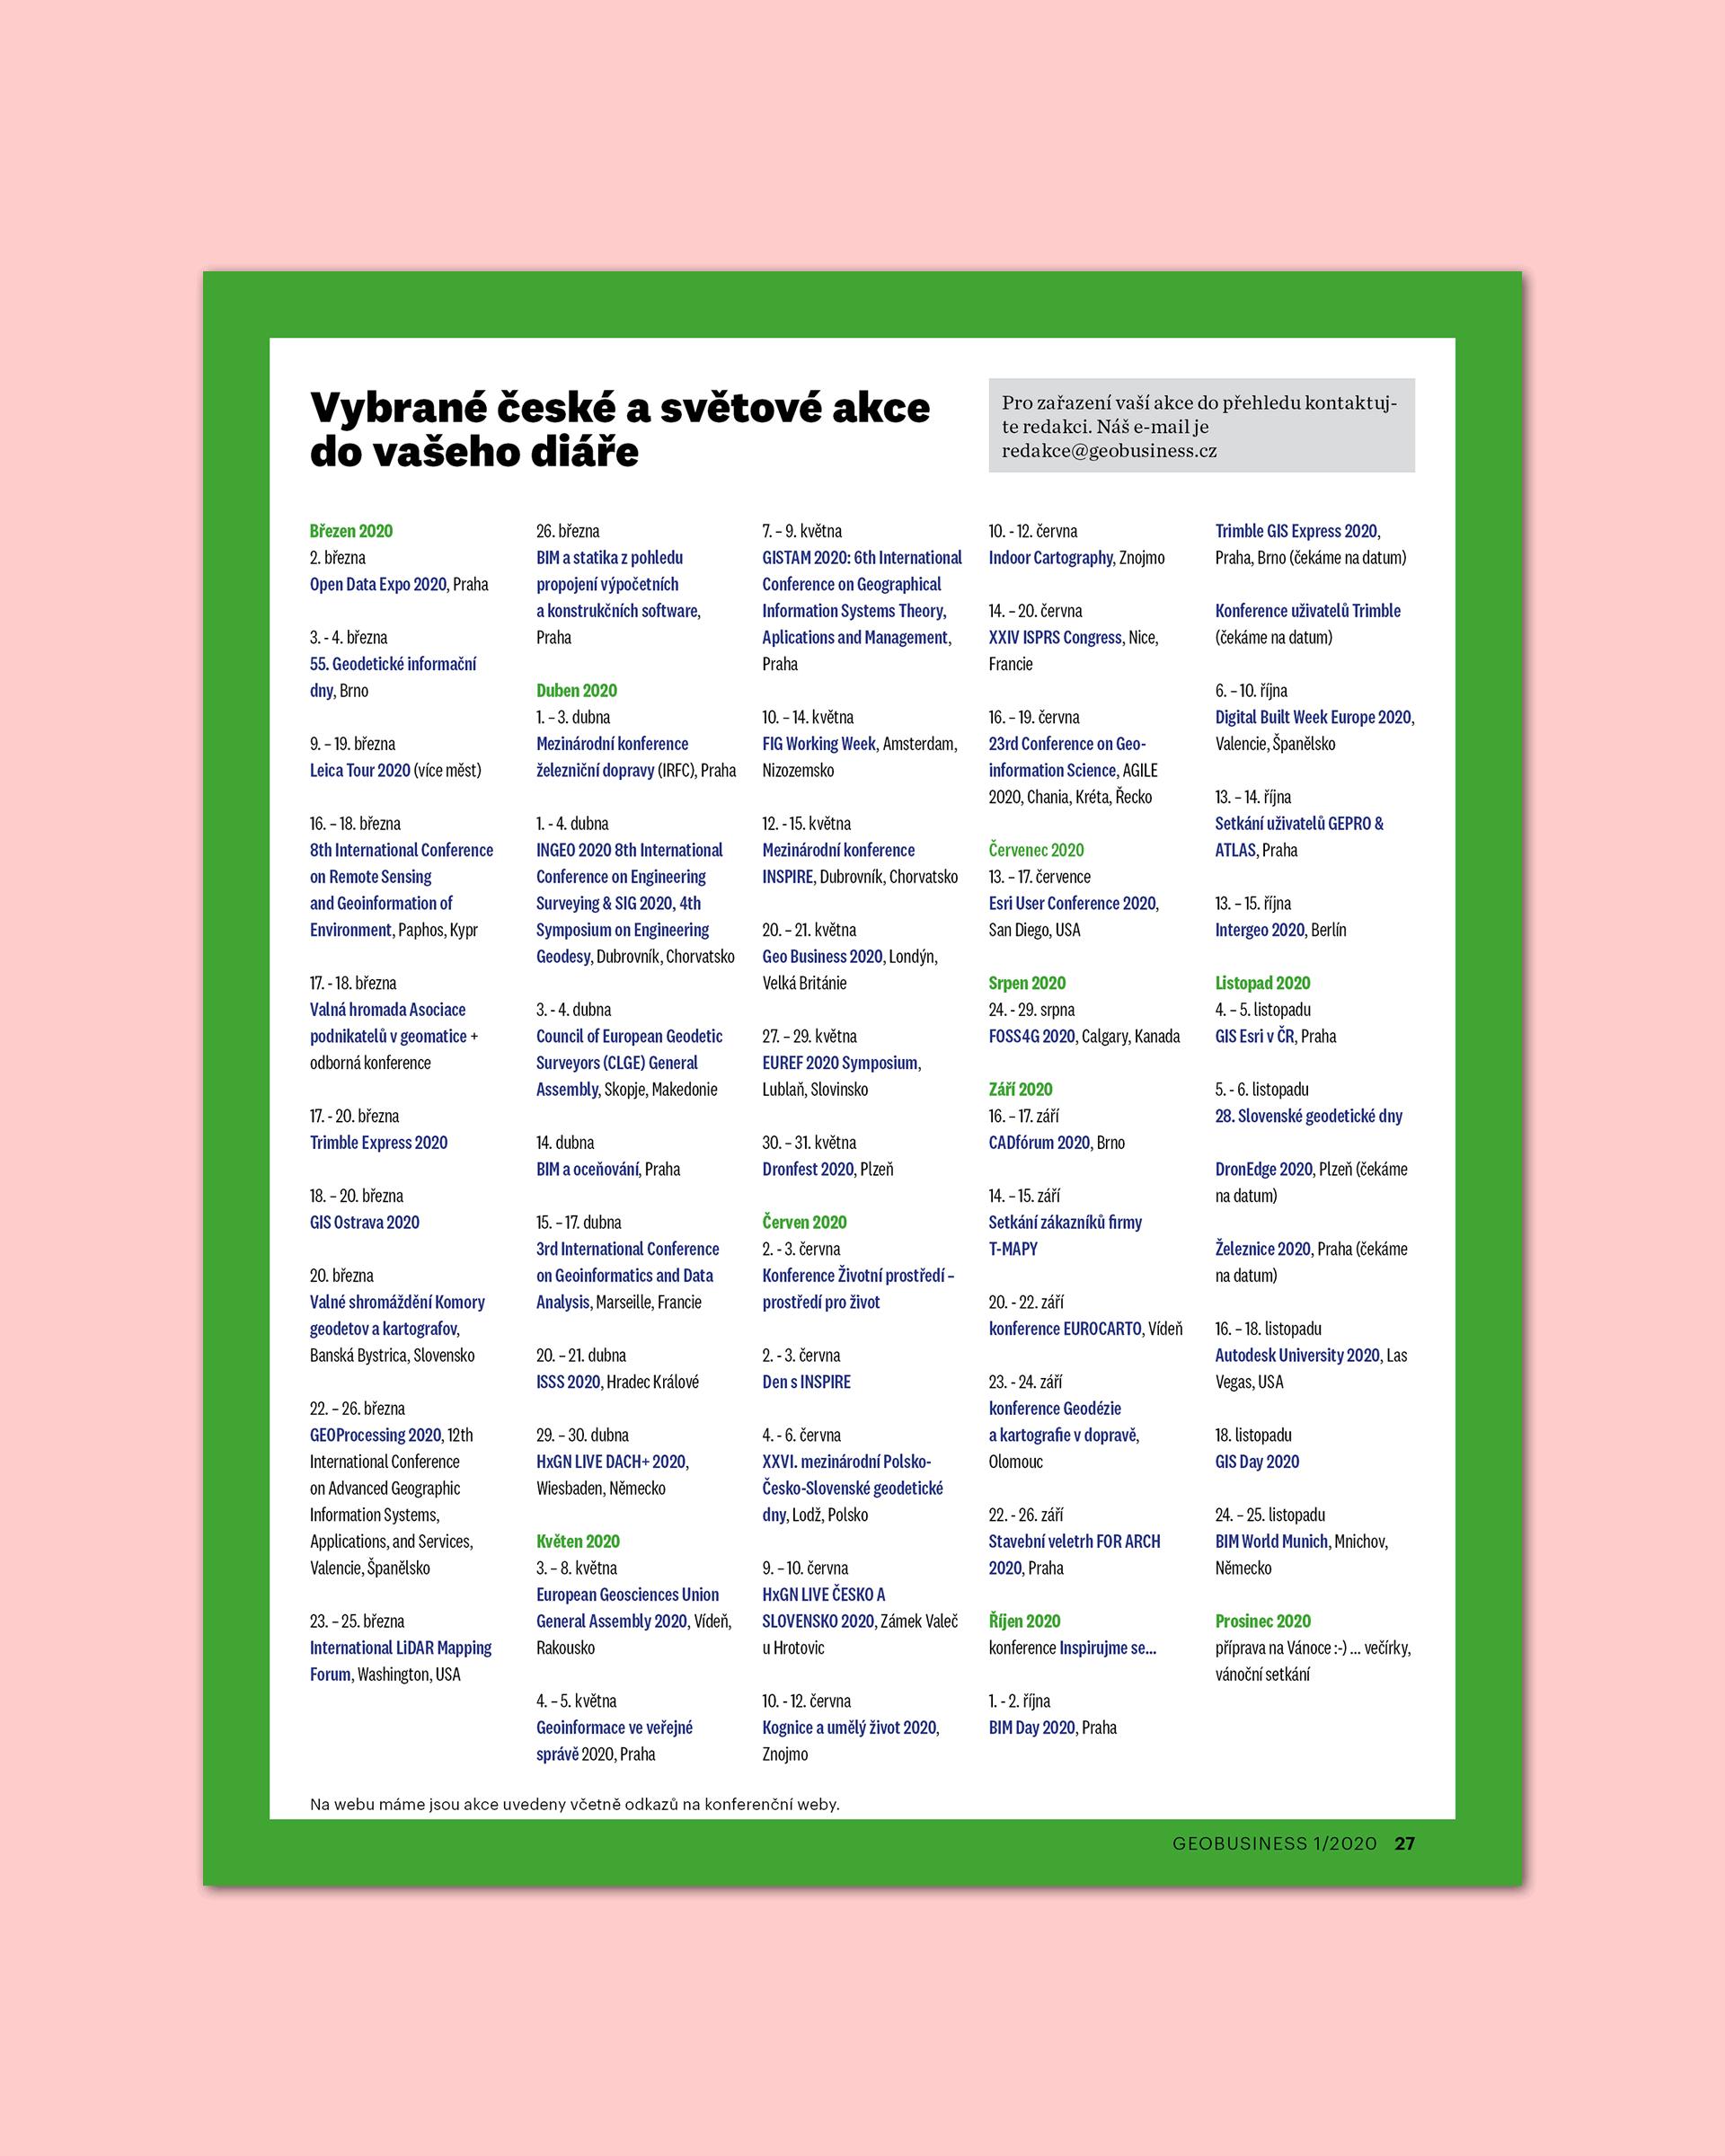 kalendar-akci-v-roce-2020